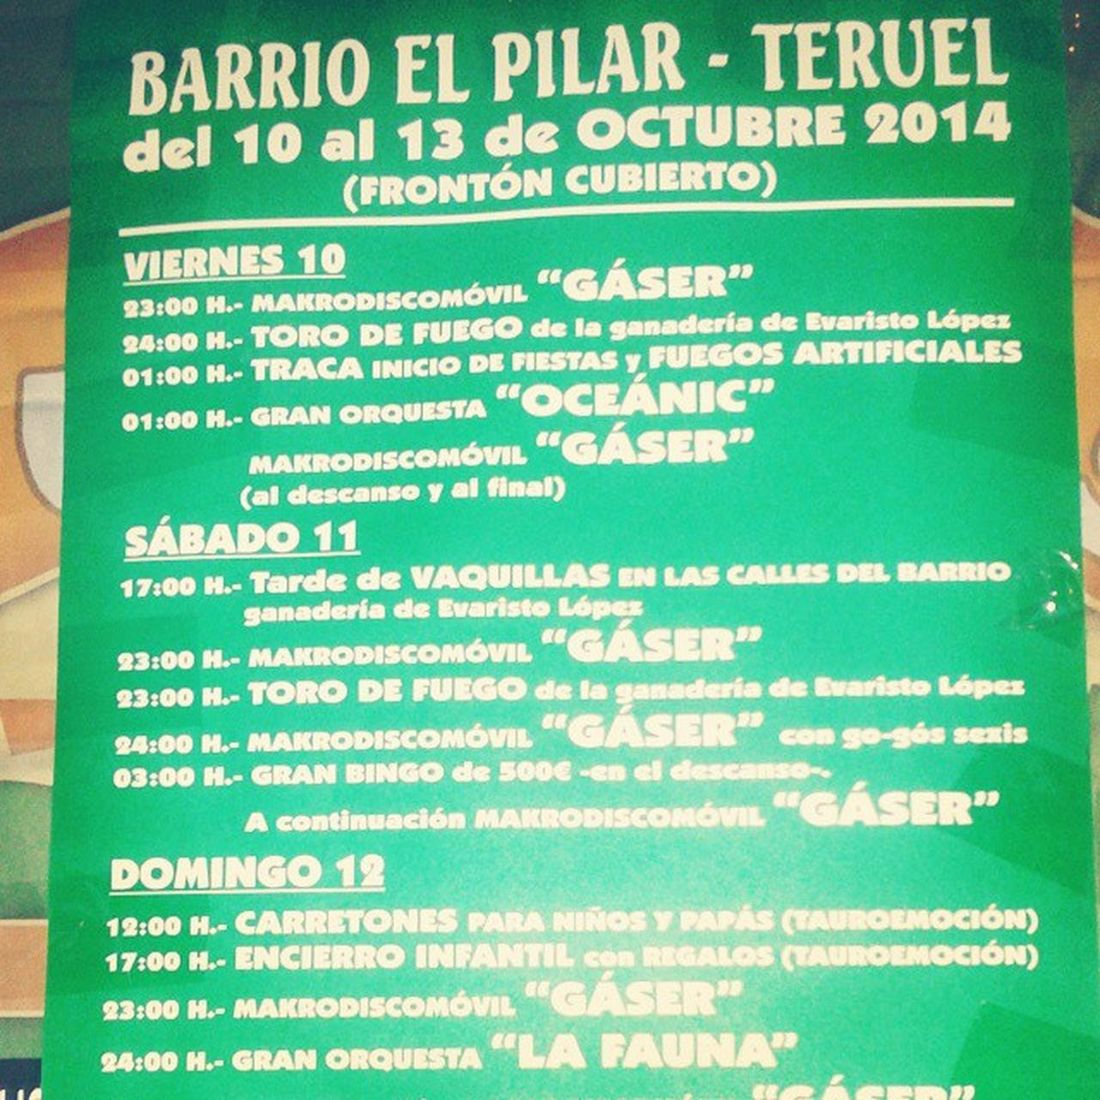 ganas de Party pa Calebrar mis 18♥ vamos alla que nos volvemos viej@s jajajaj Unañomas